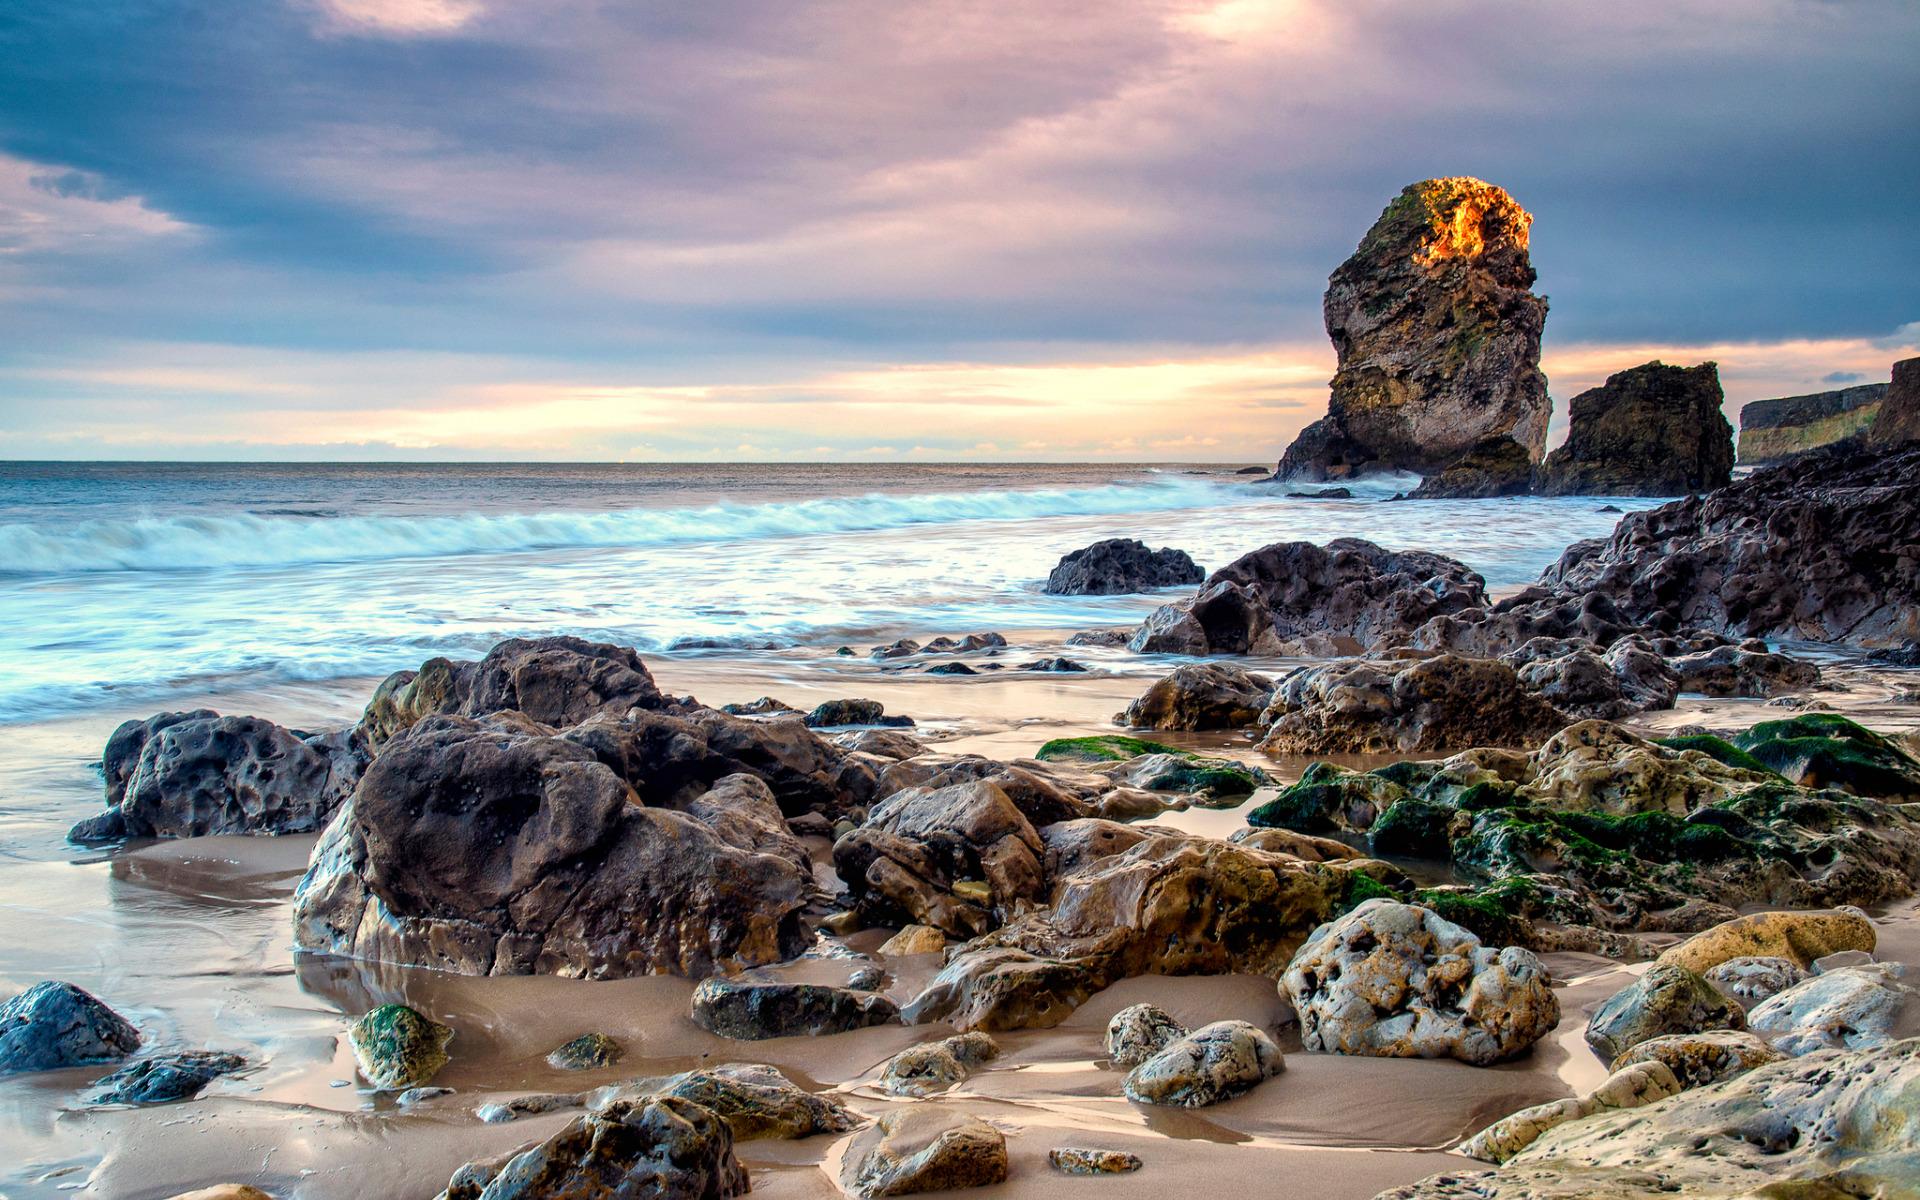 скала море камни rock sea stones  № 45254 бесплатно